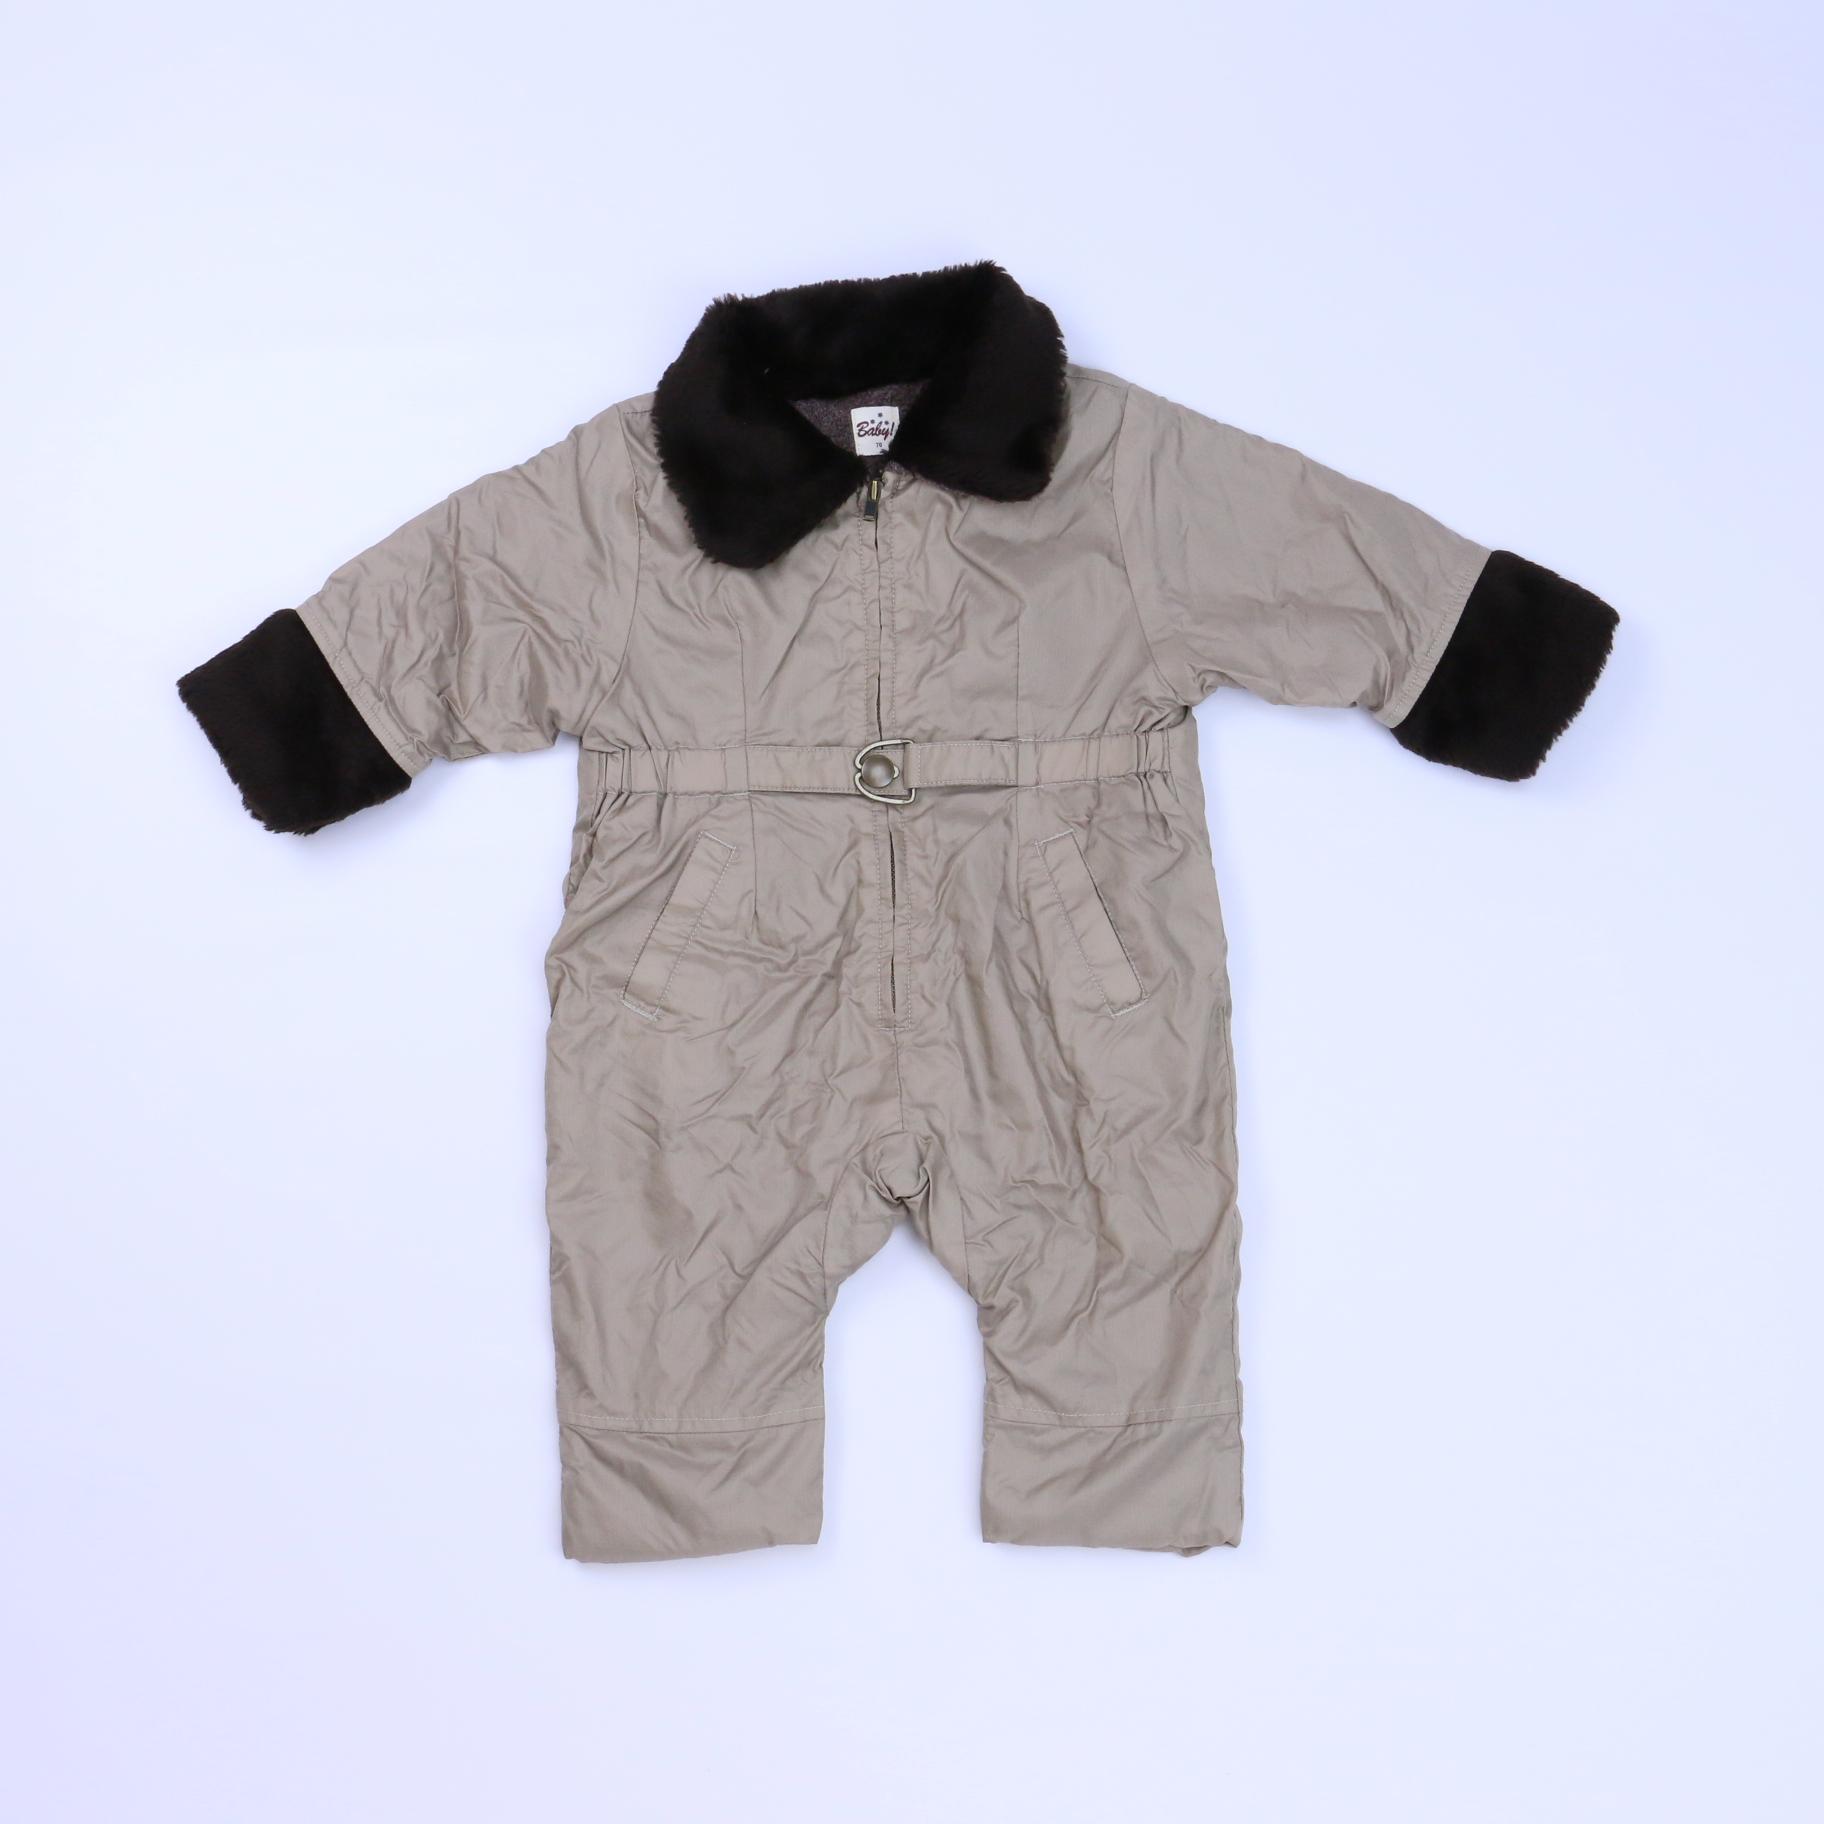 c62fc57d7 Snowsuit size  EU 70 (6-12 Months) - The Swoondle Society